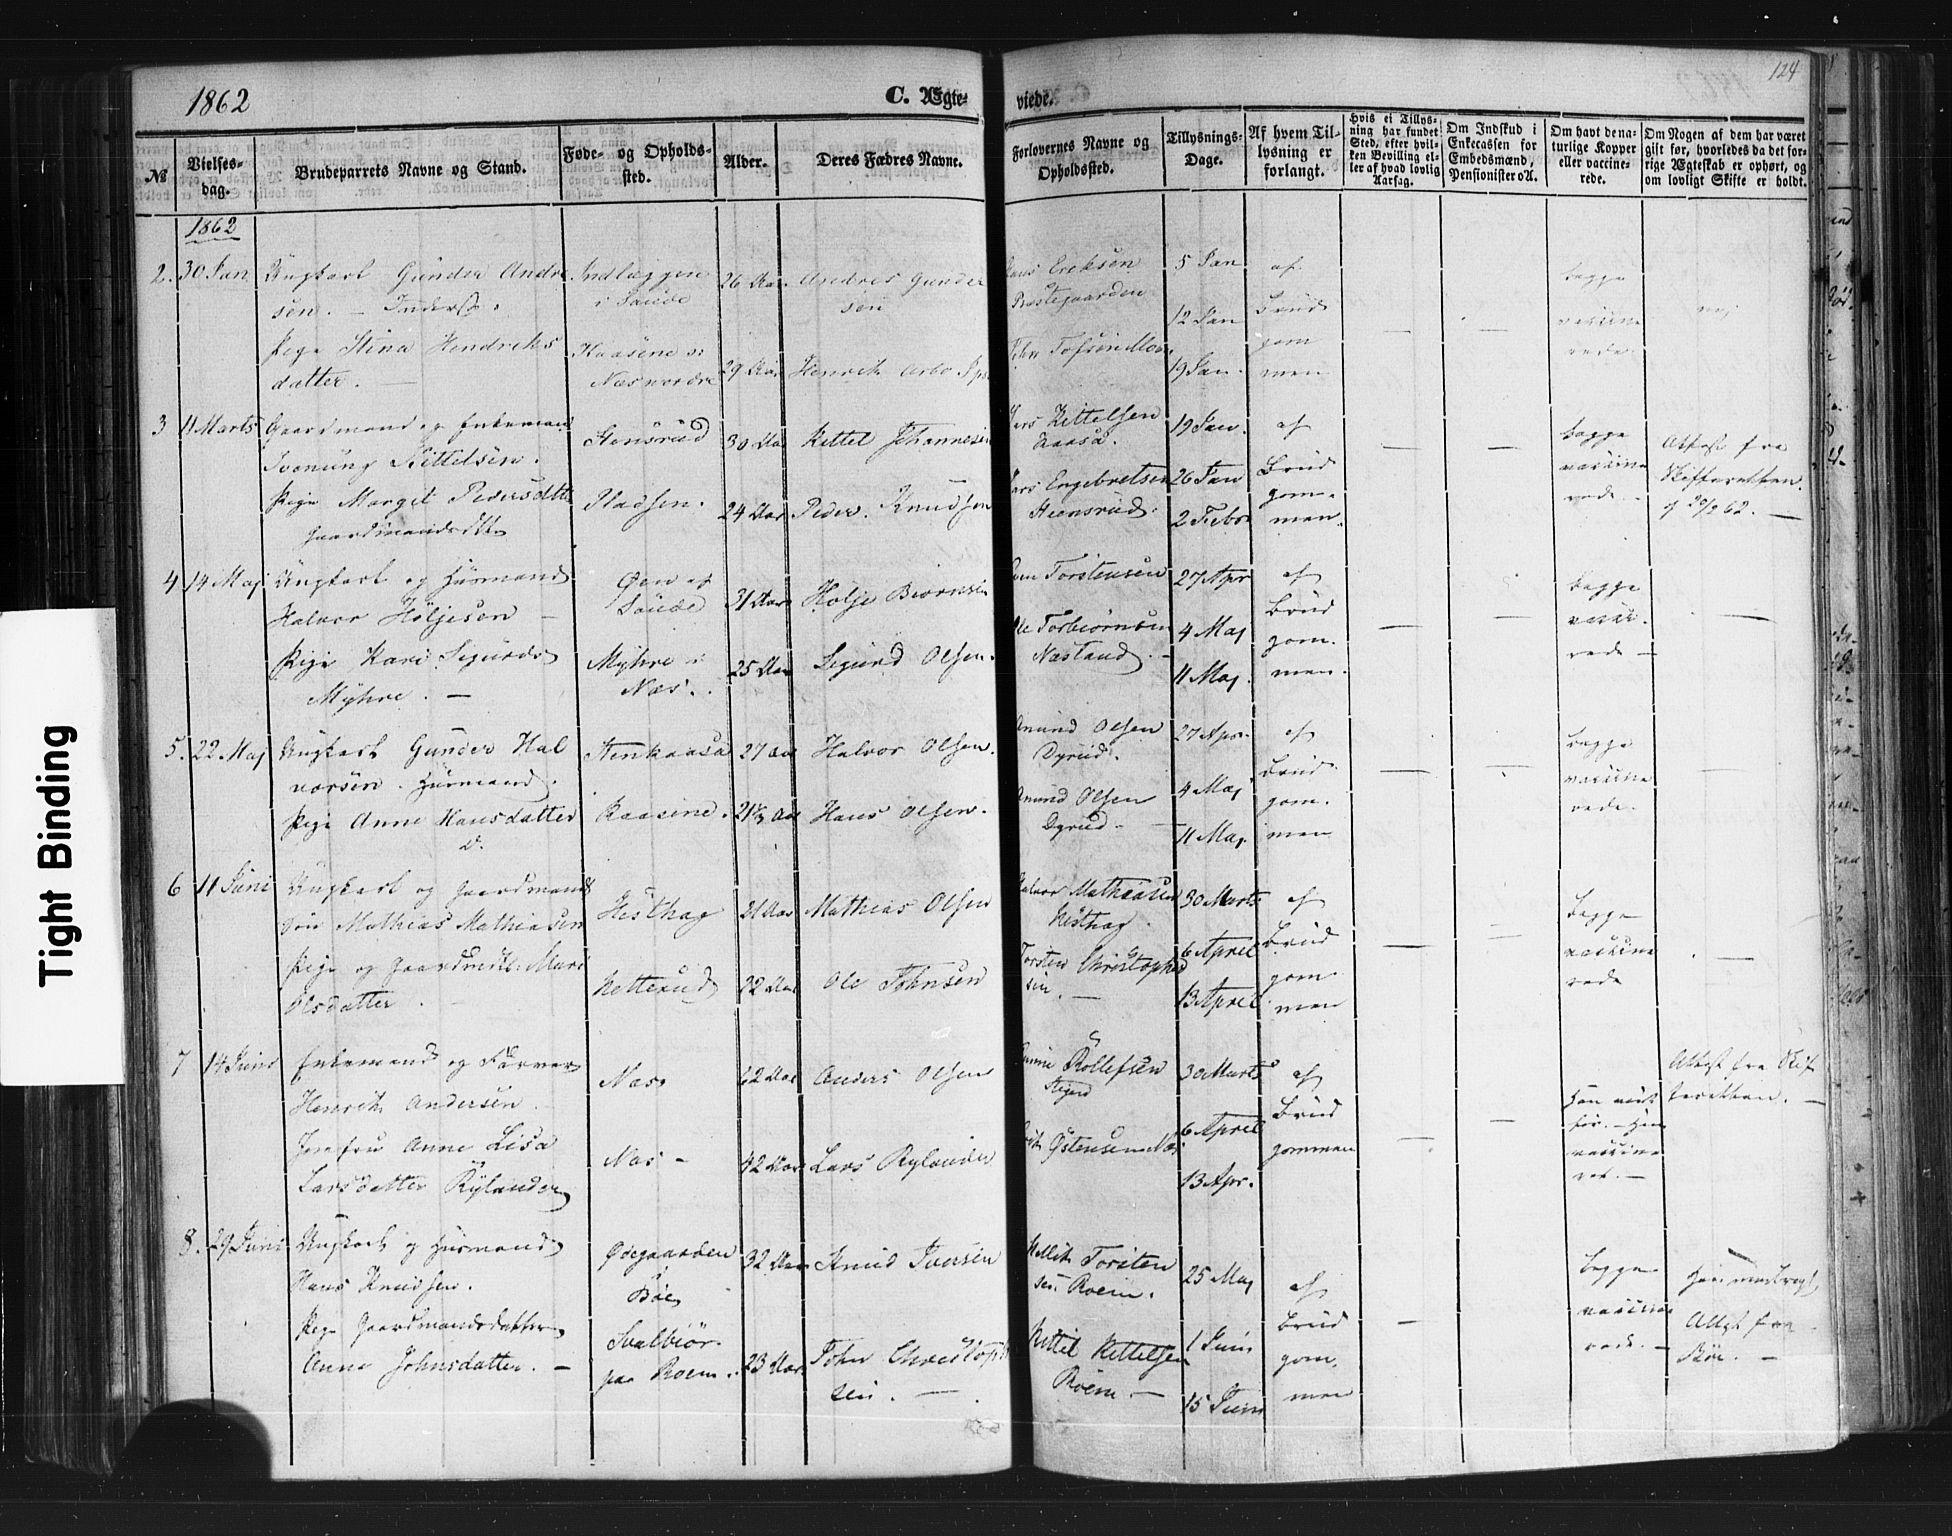 SAKO, Sauherad kirkebøker, F/Fb/L0001: Ministerialbok nr. II 1, 1851-1877, s. 124